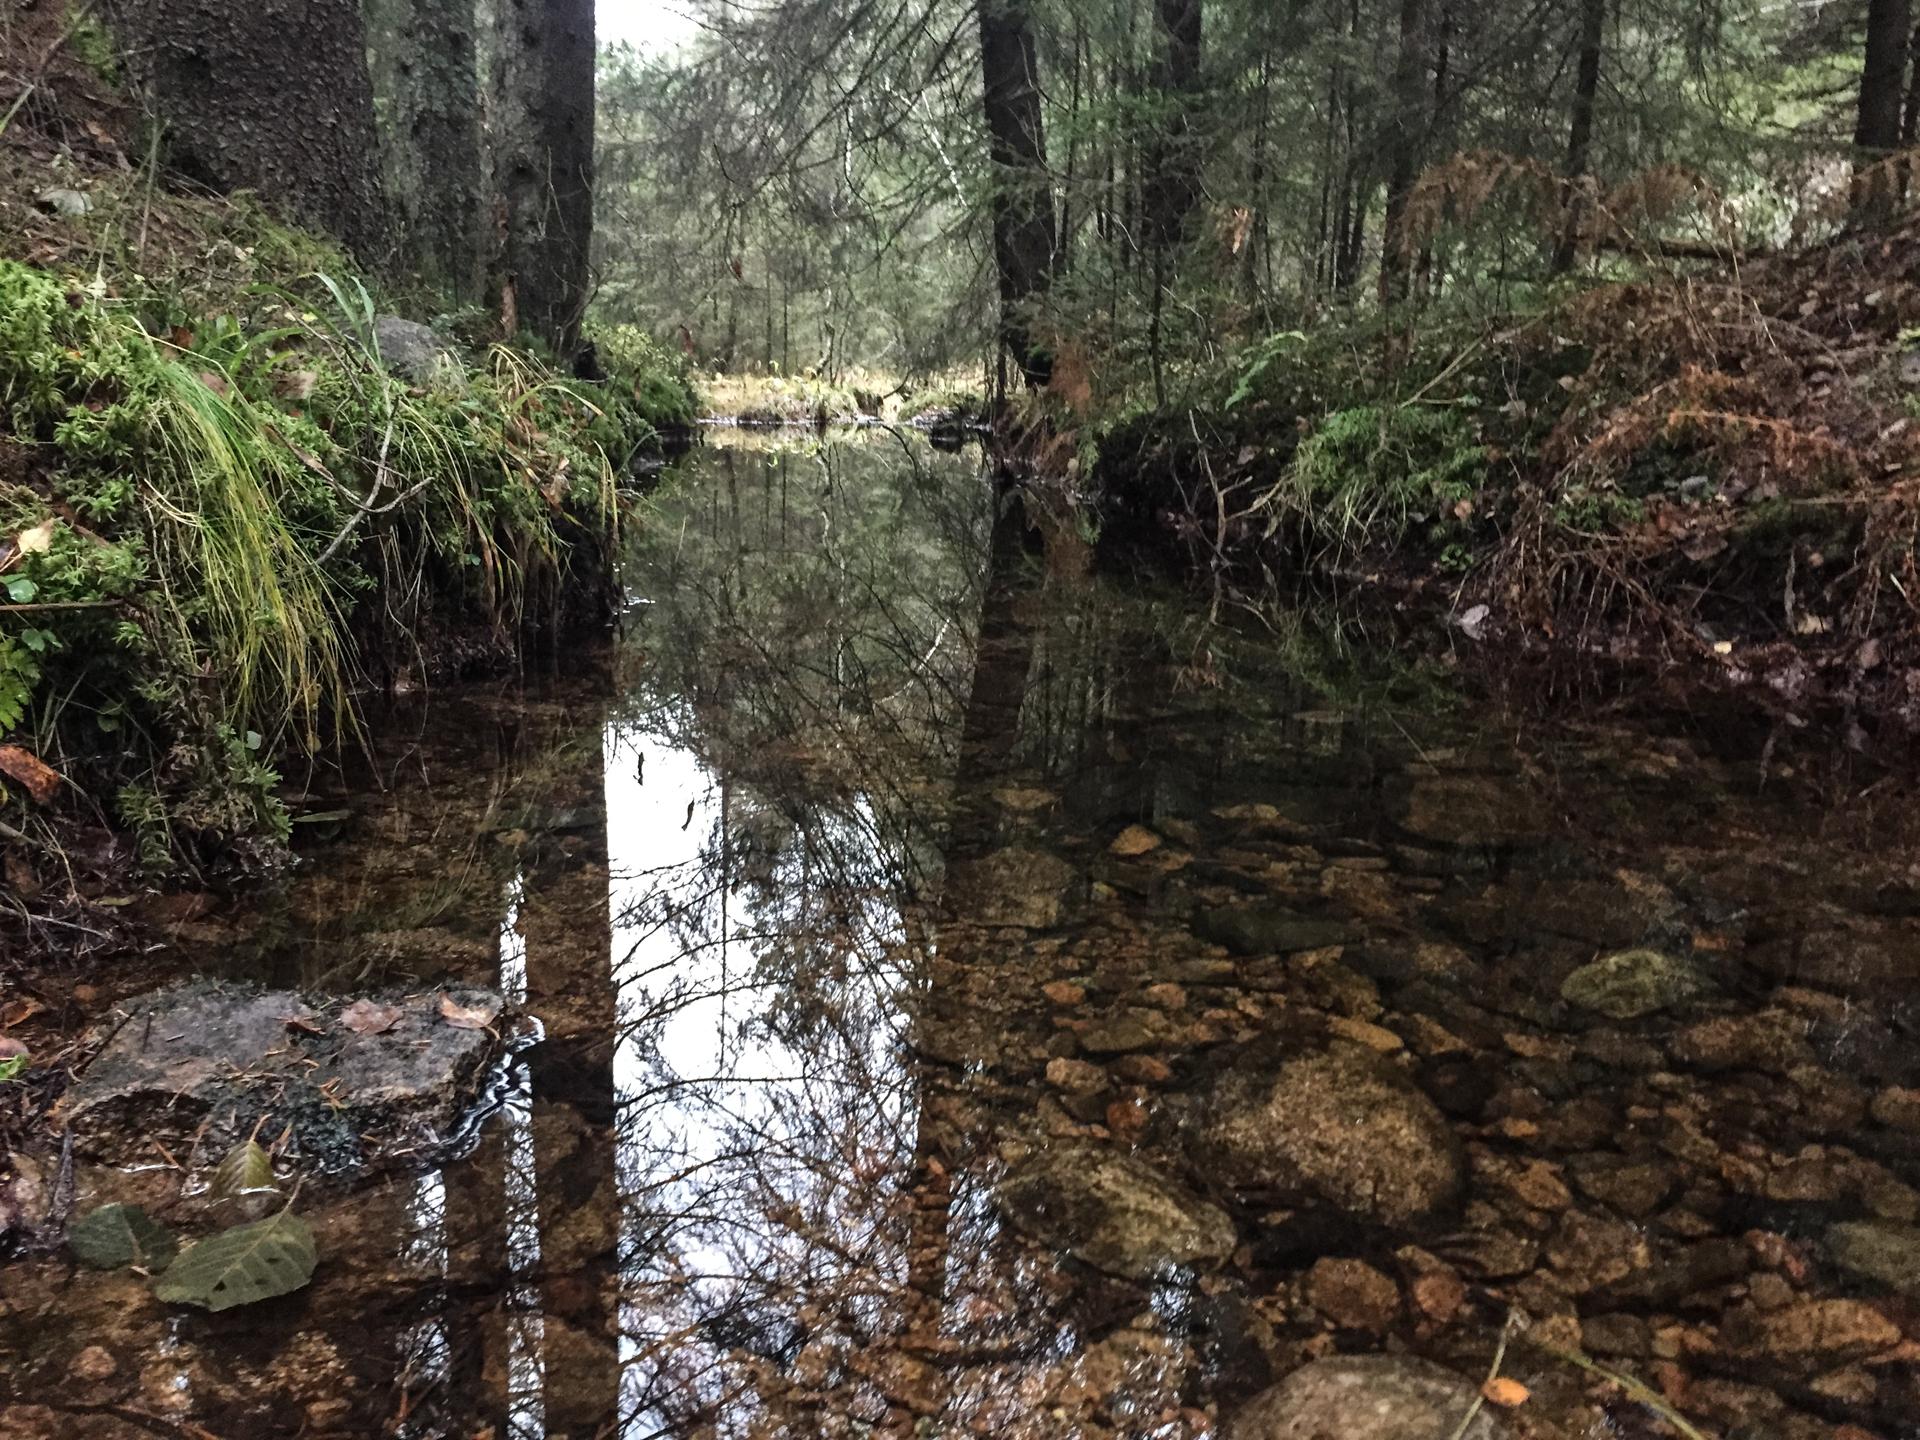 Det har ikke vært tørrere i oktober i Oslo siden målinger startet i 1937. I skogen er det likevel nok av ferskvann.